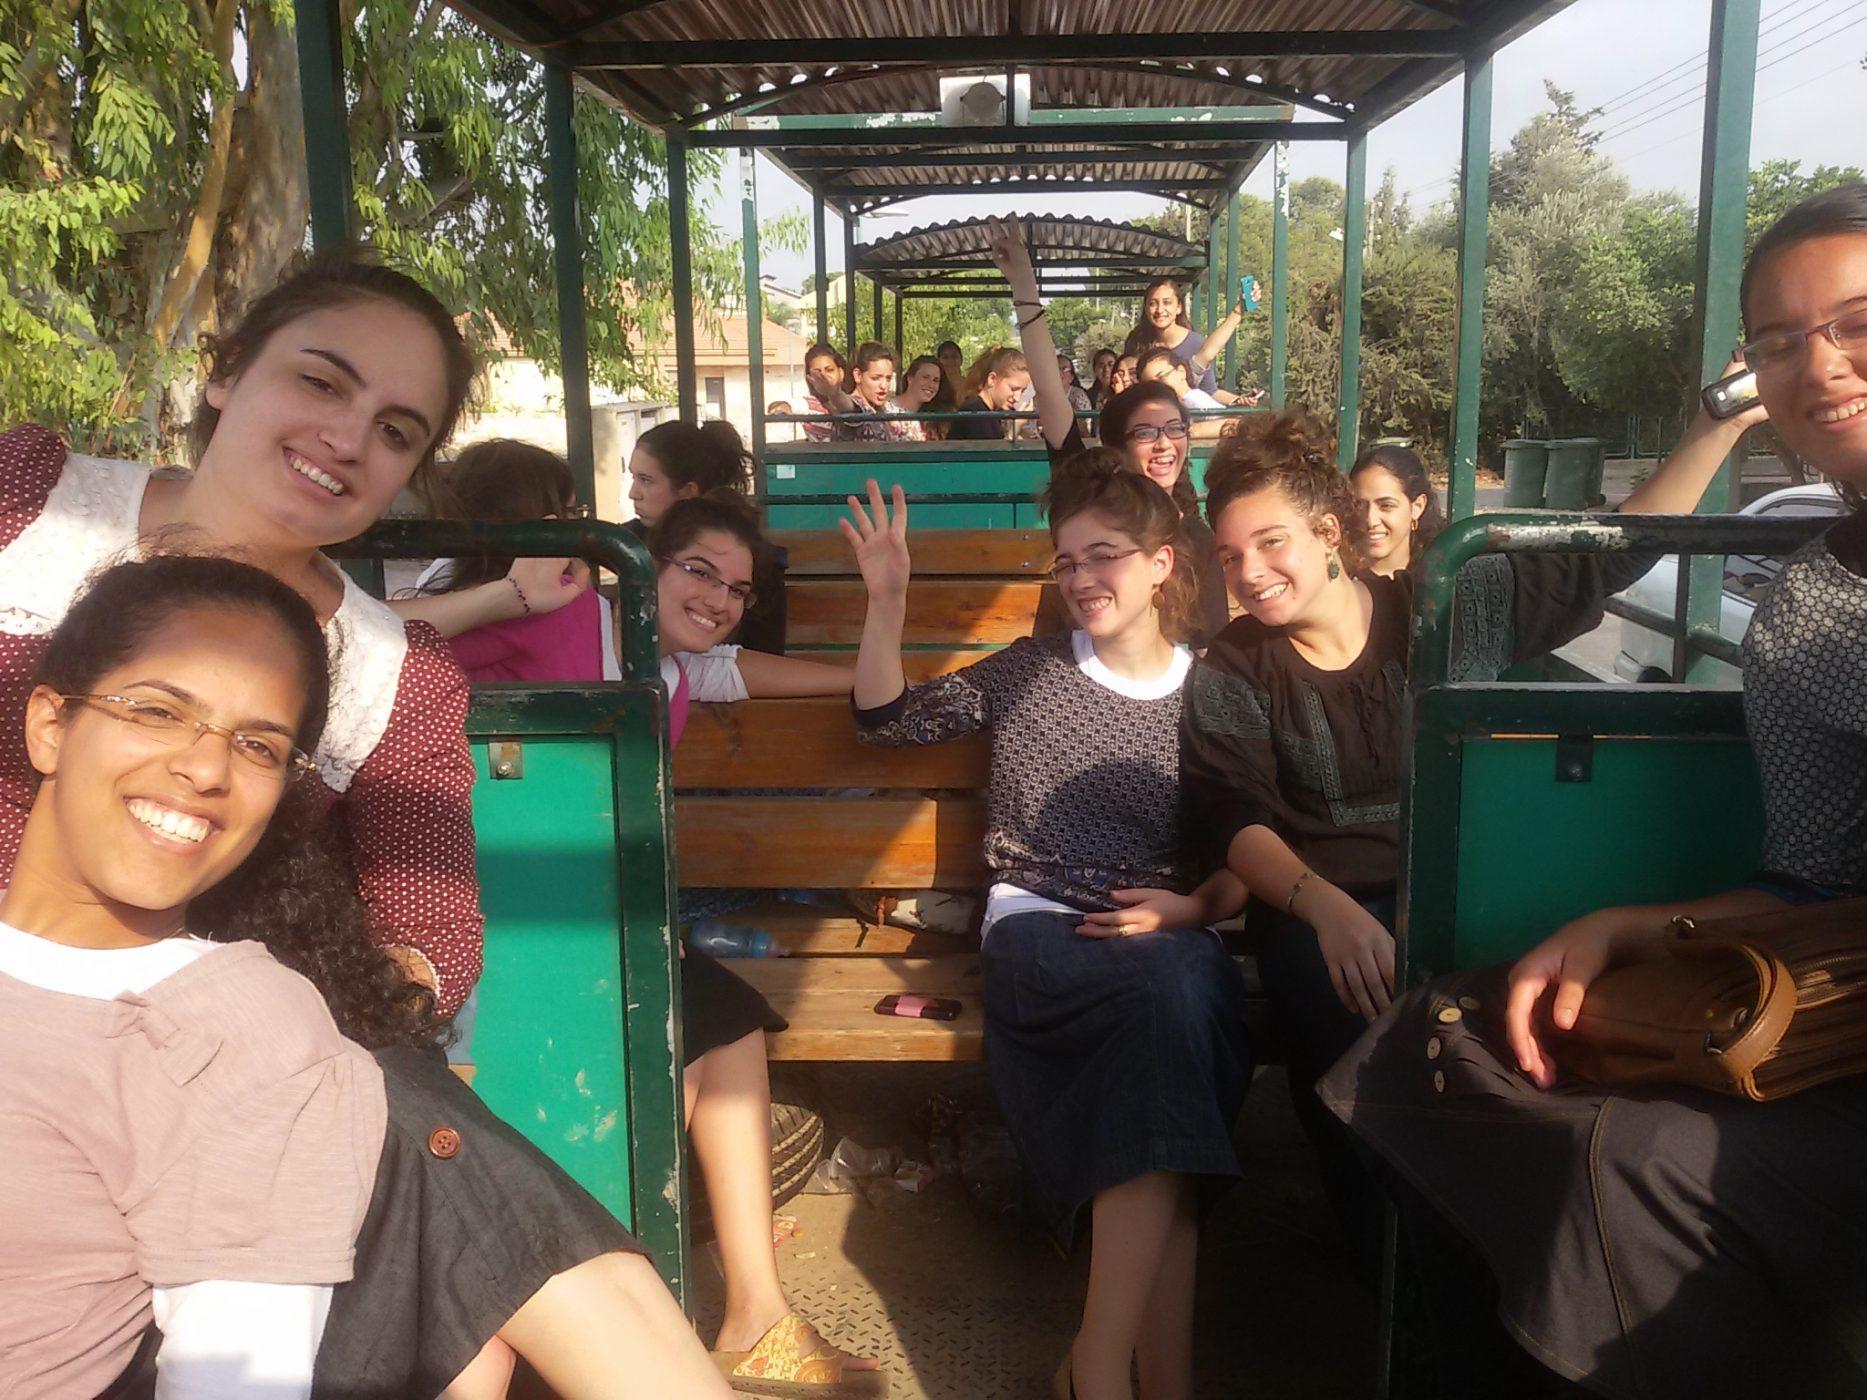 בנות שירות במרכז להעמקת יהדות עמי חיפה